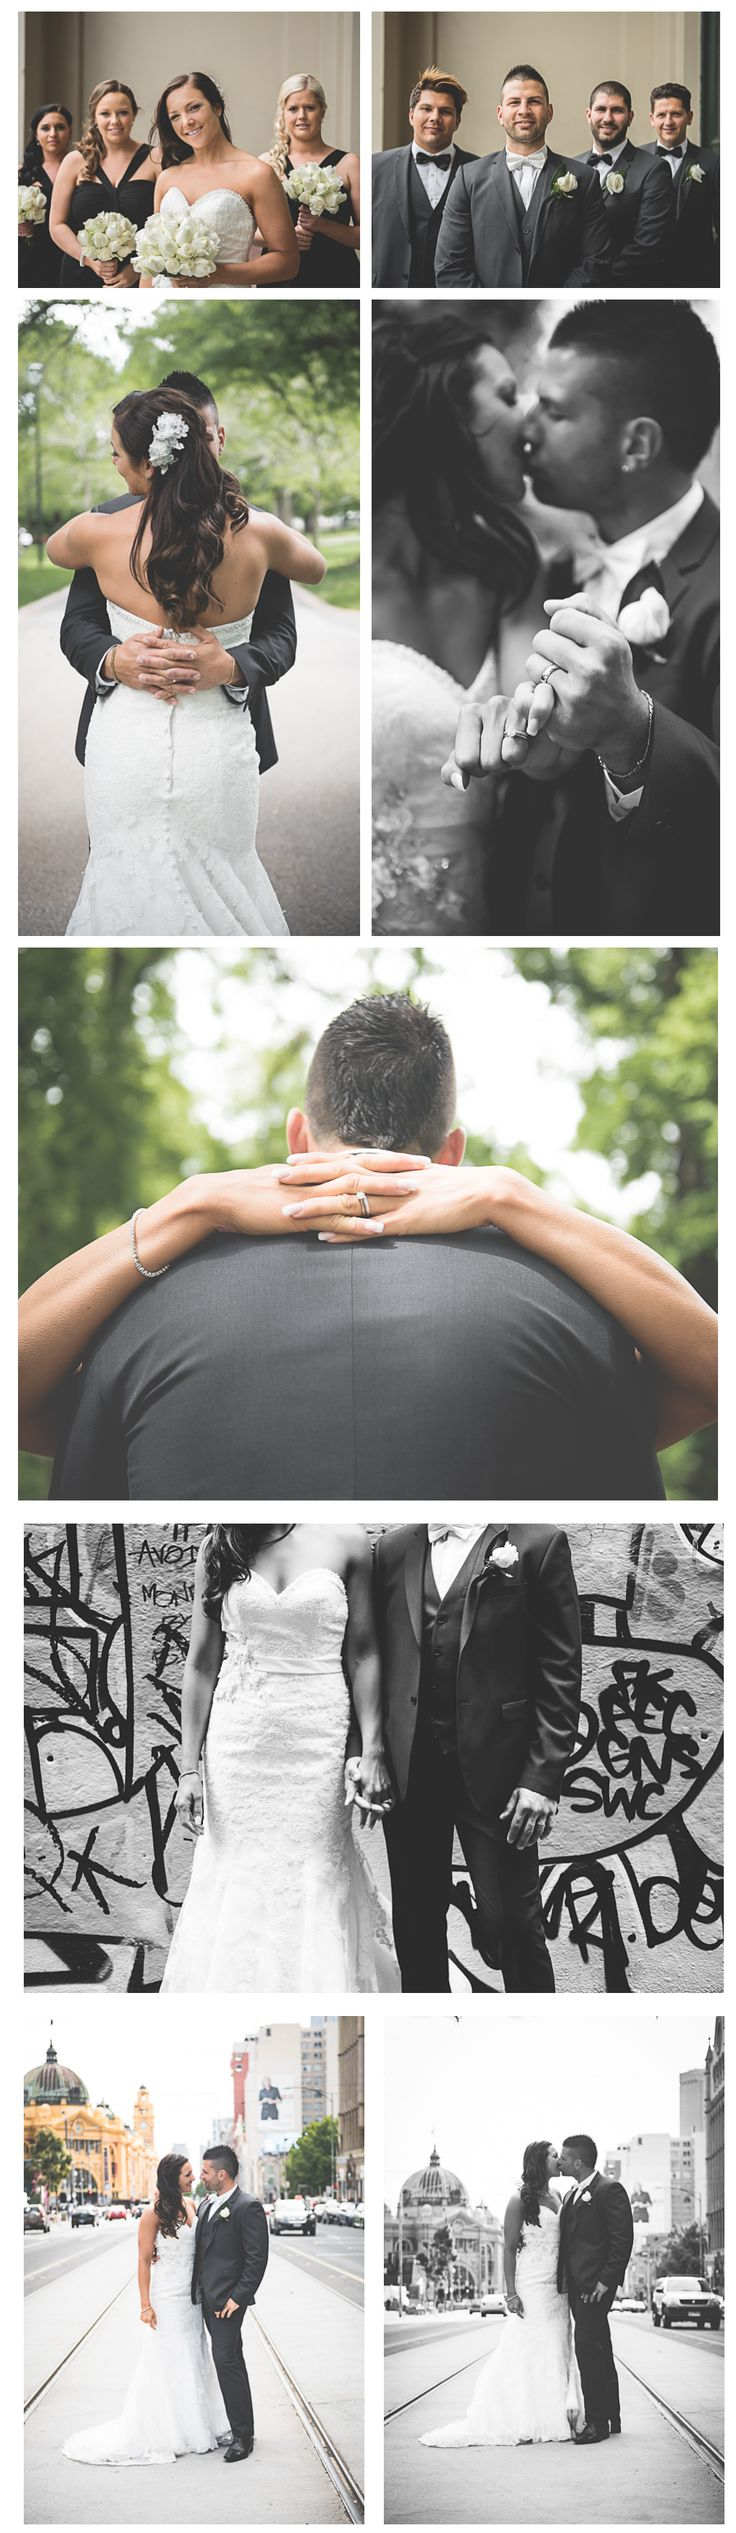 www.tahneejadephotography.com